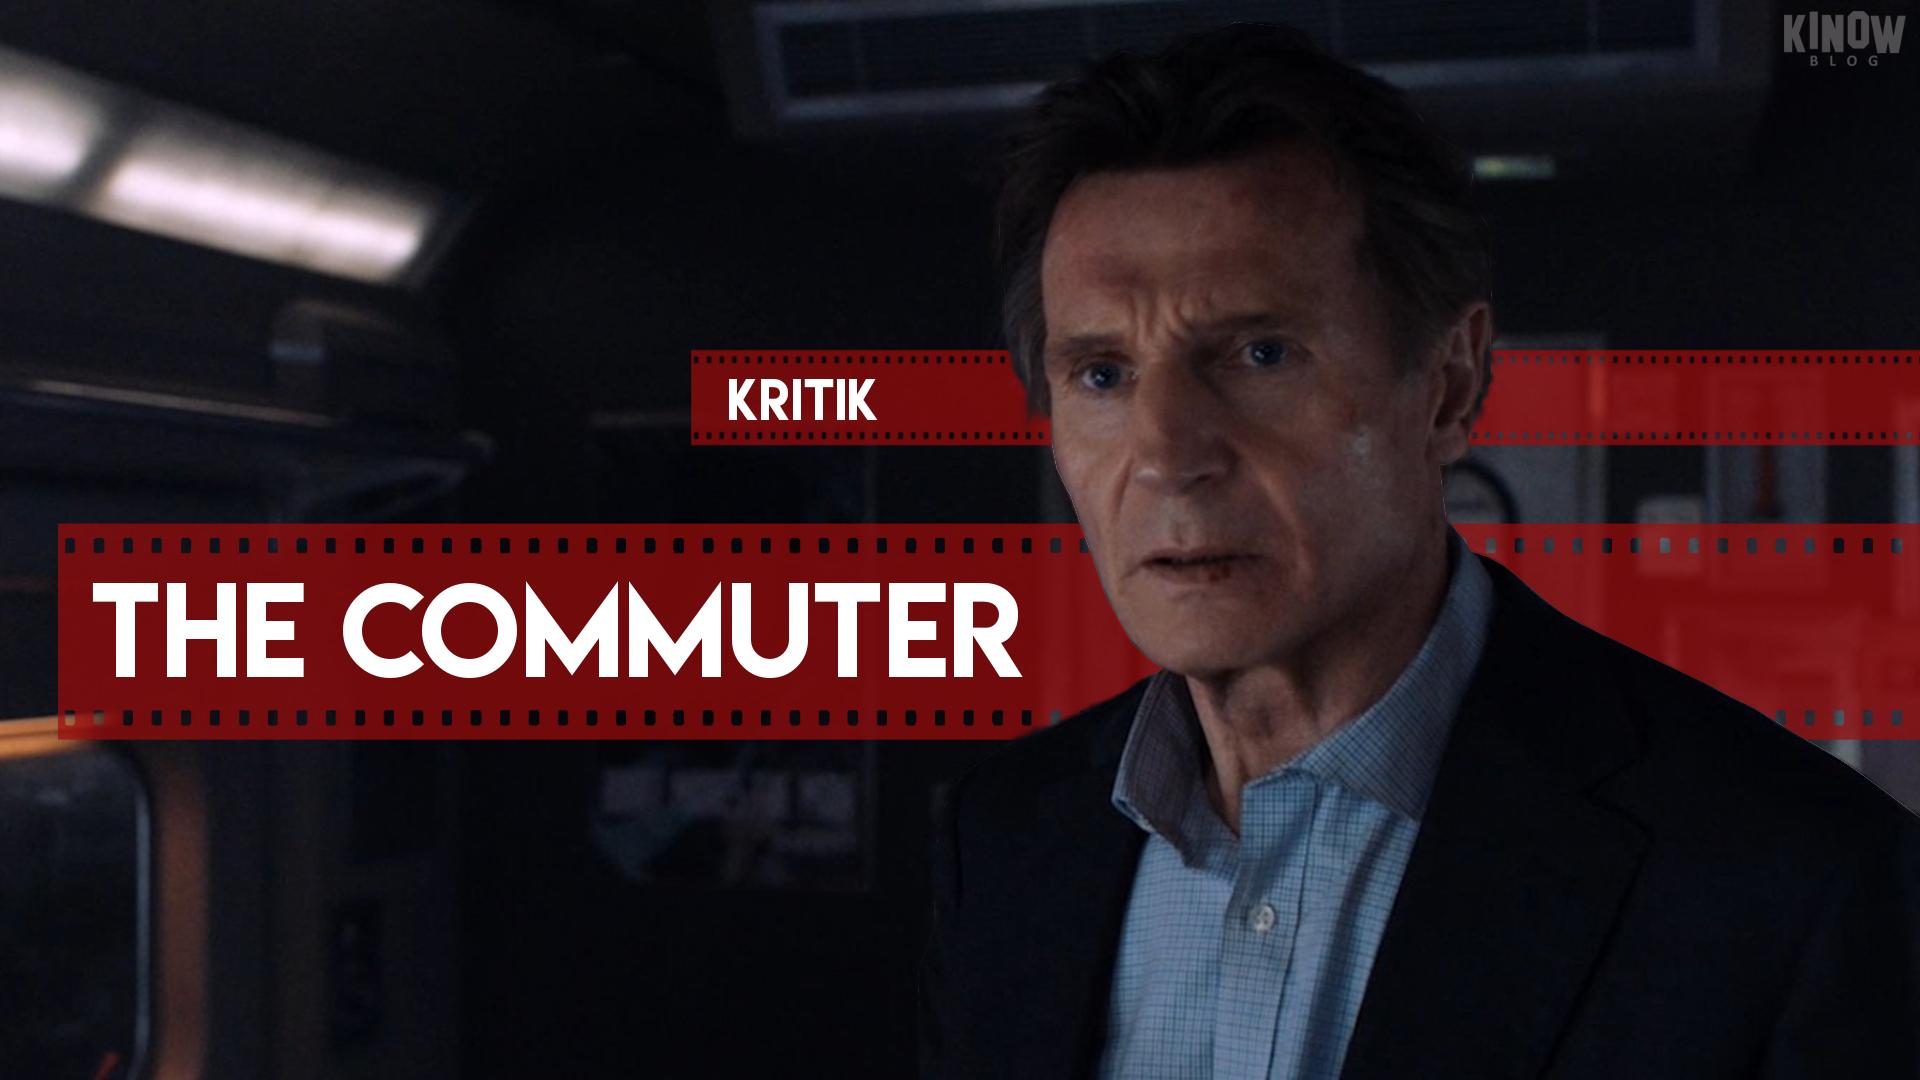 The Commuter Kritik